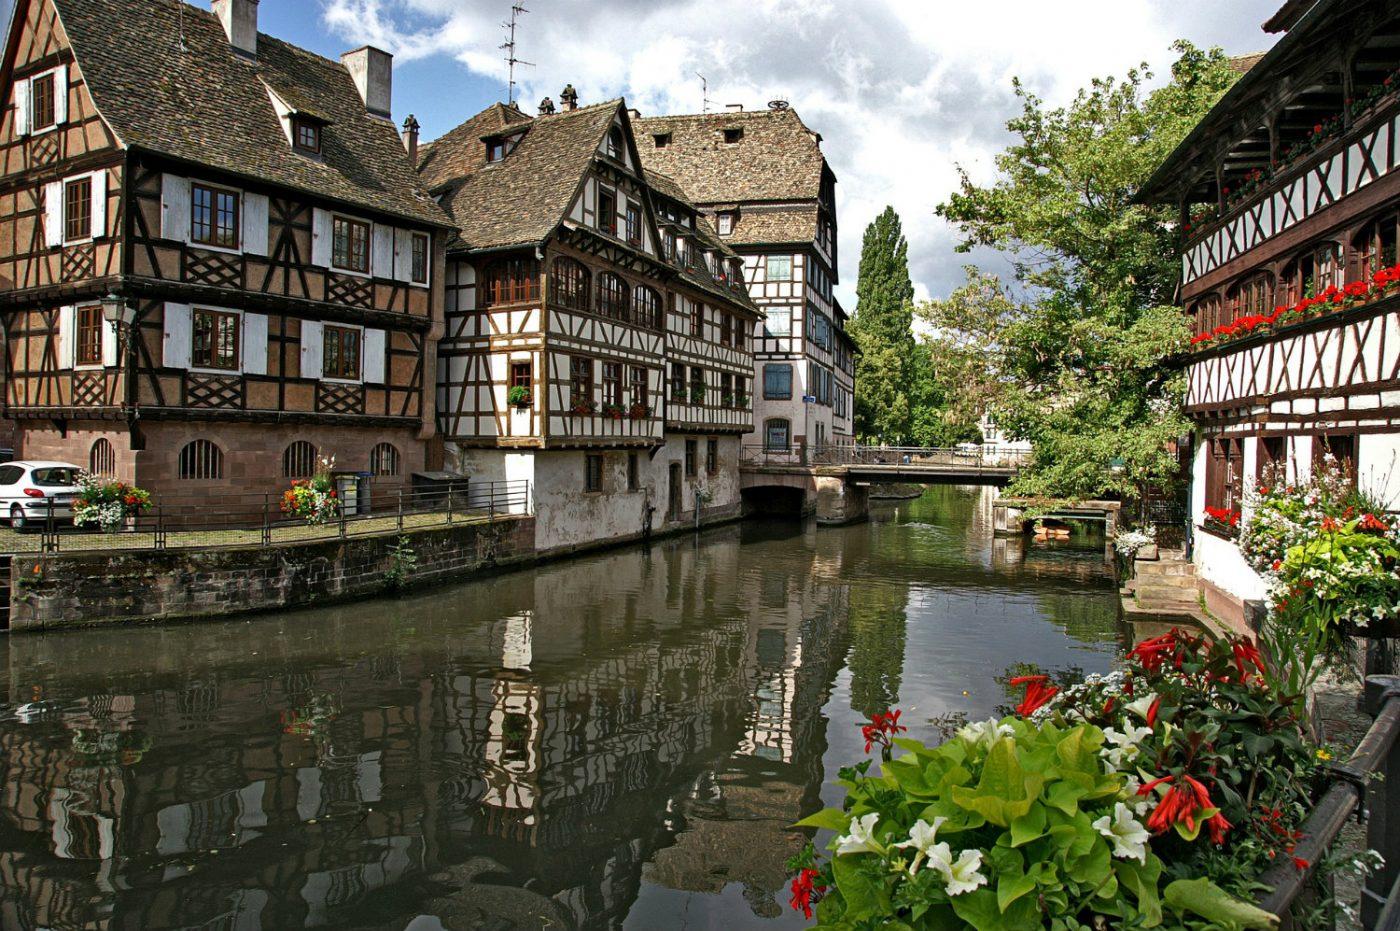 Fachwerkhäuser und am Fluss Ill in Straßburg.